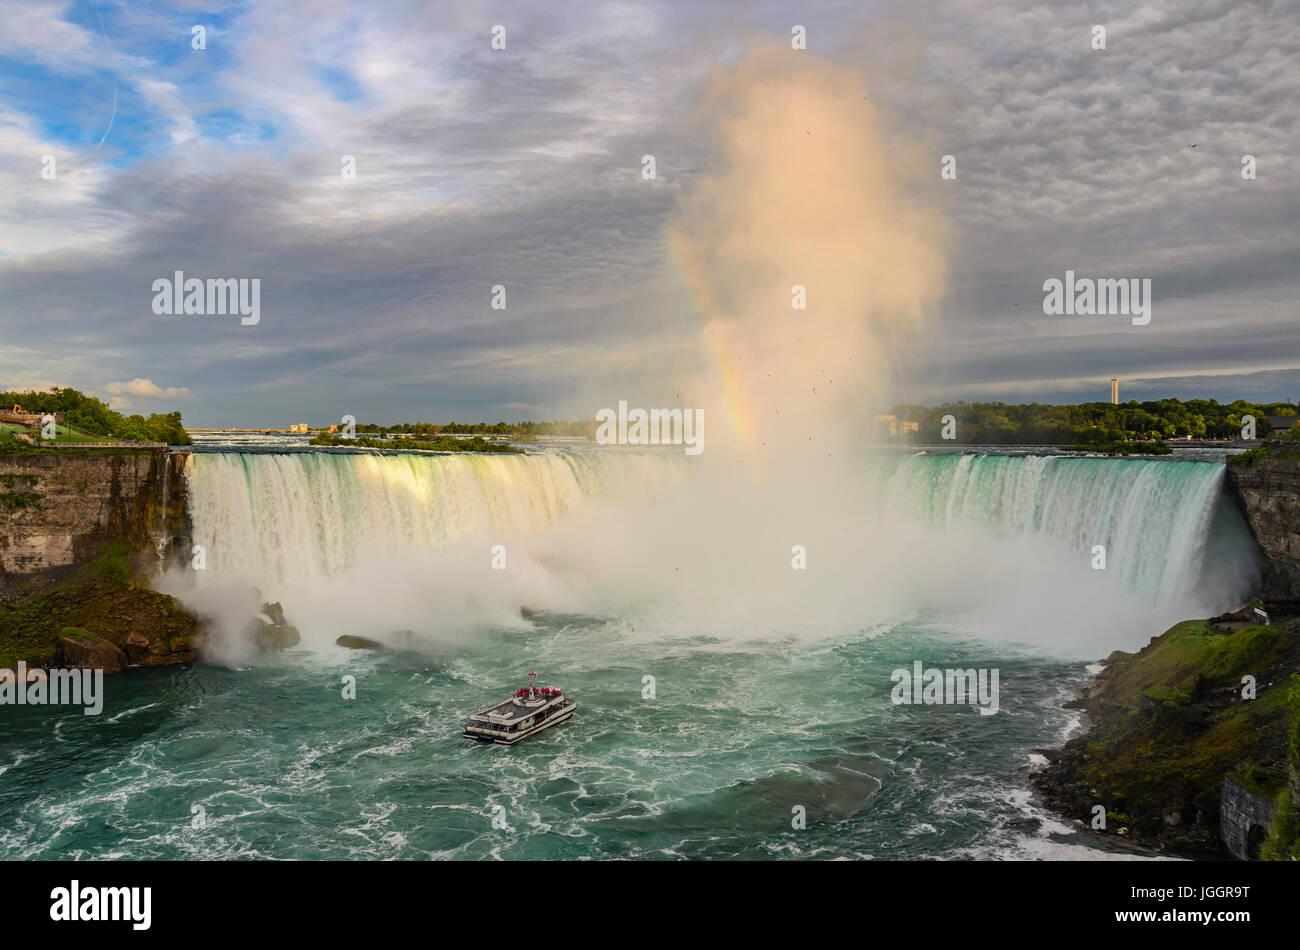 Les étonnantes chutes du Niagara au coucher du soleil. Les chutes canadiennes de l'Ontario, Canada Banque D'Images